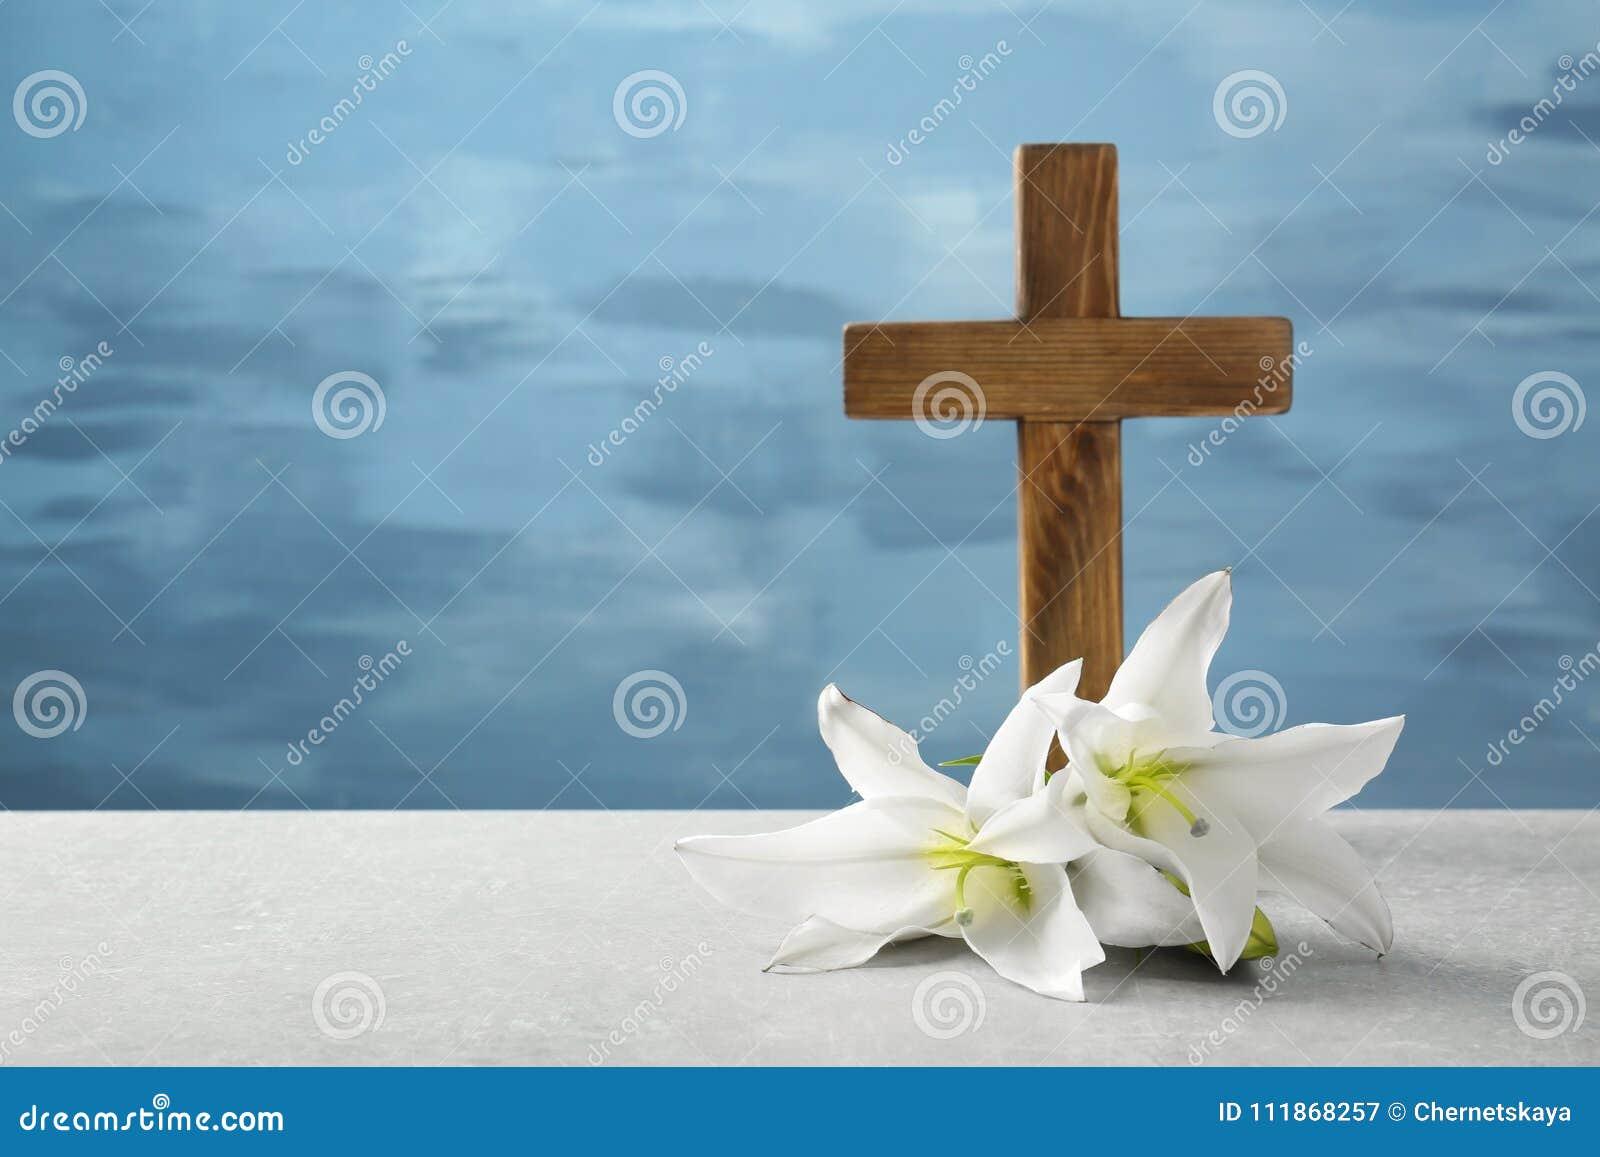 деревянный крест и белая лилия стоковое изображение